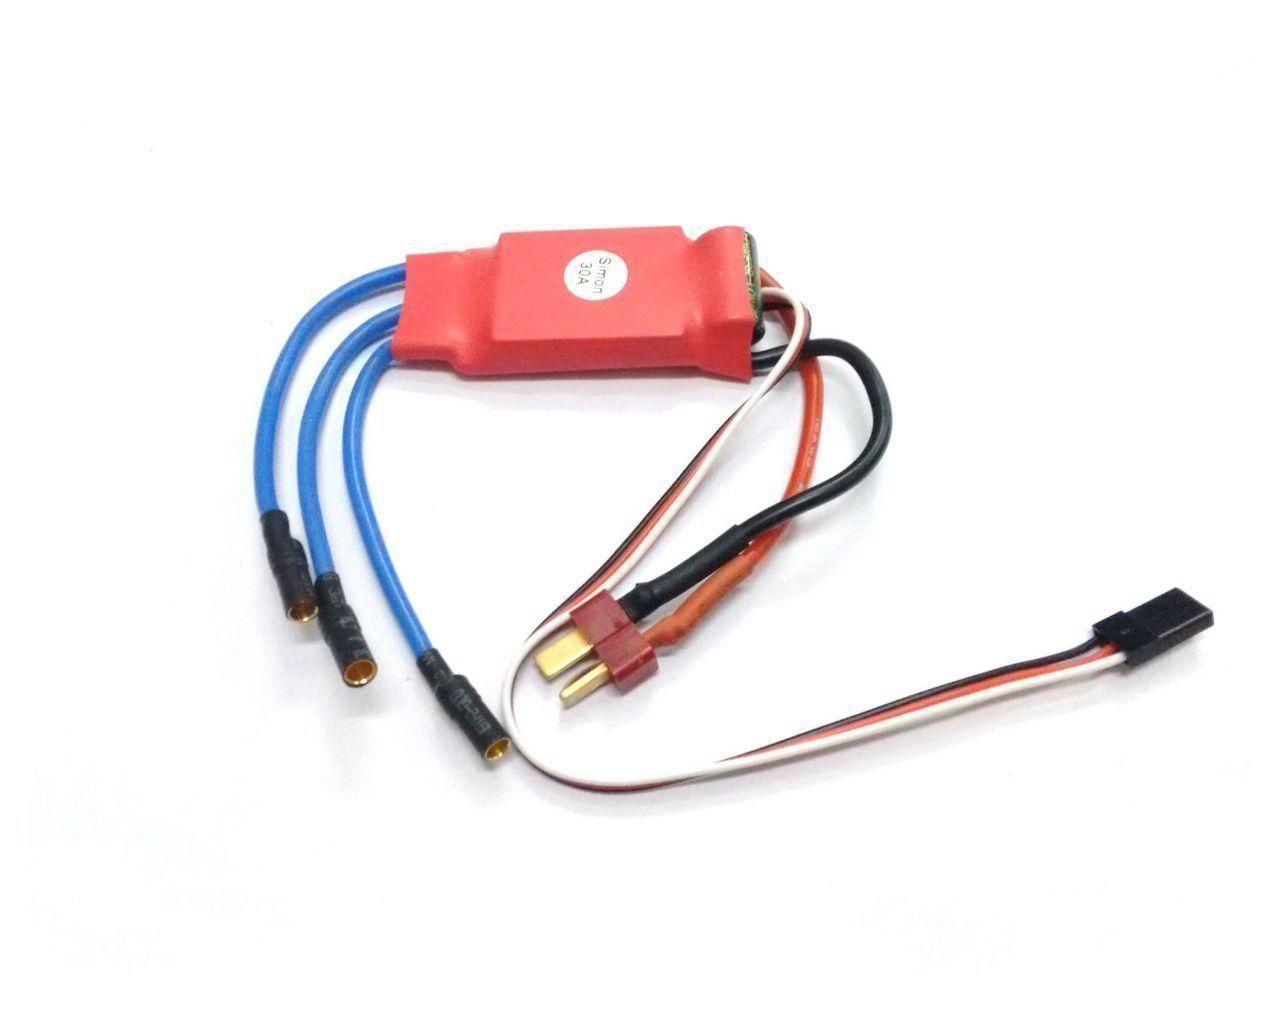 Simonk 30A BLDC ESC Electronic Speed Controller